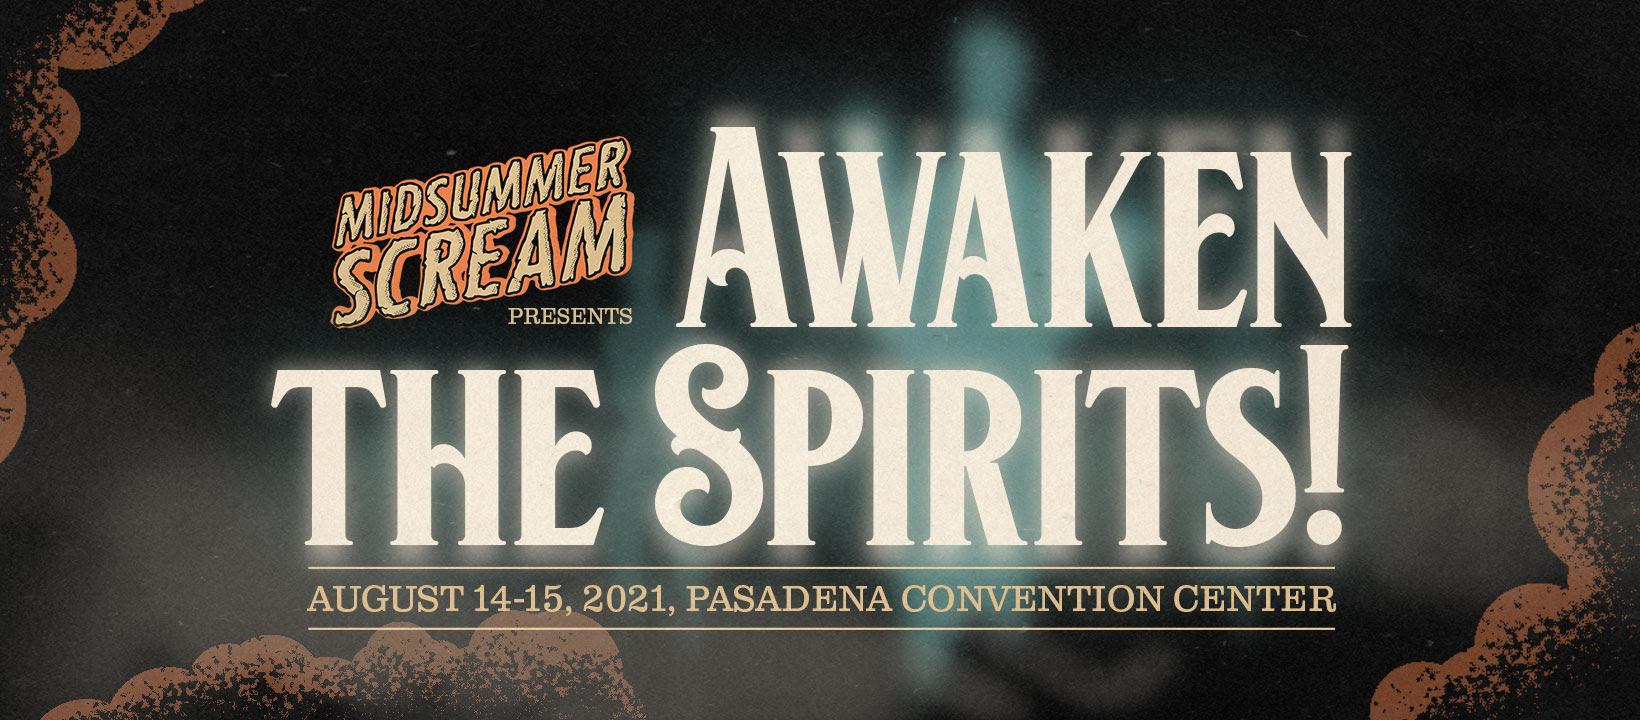 [News] Midsummer Scream Announces AWAKEN THE SPIRITS! Pop-Up